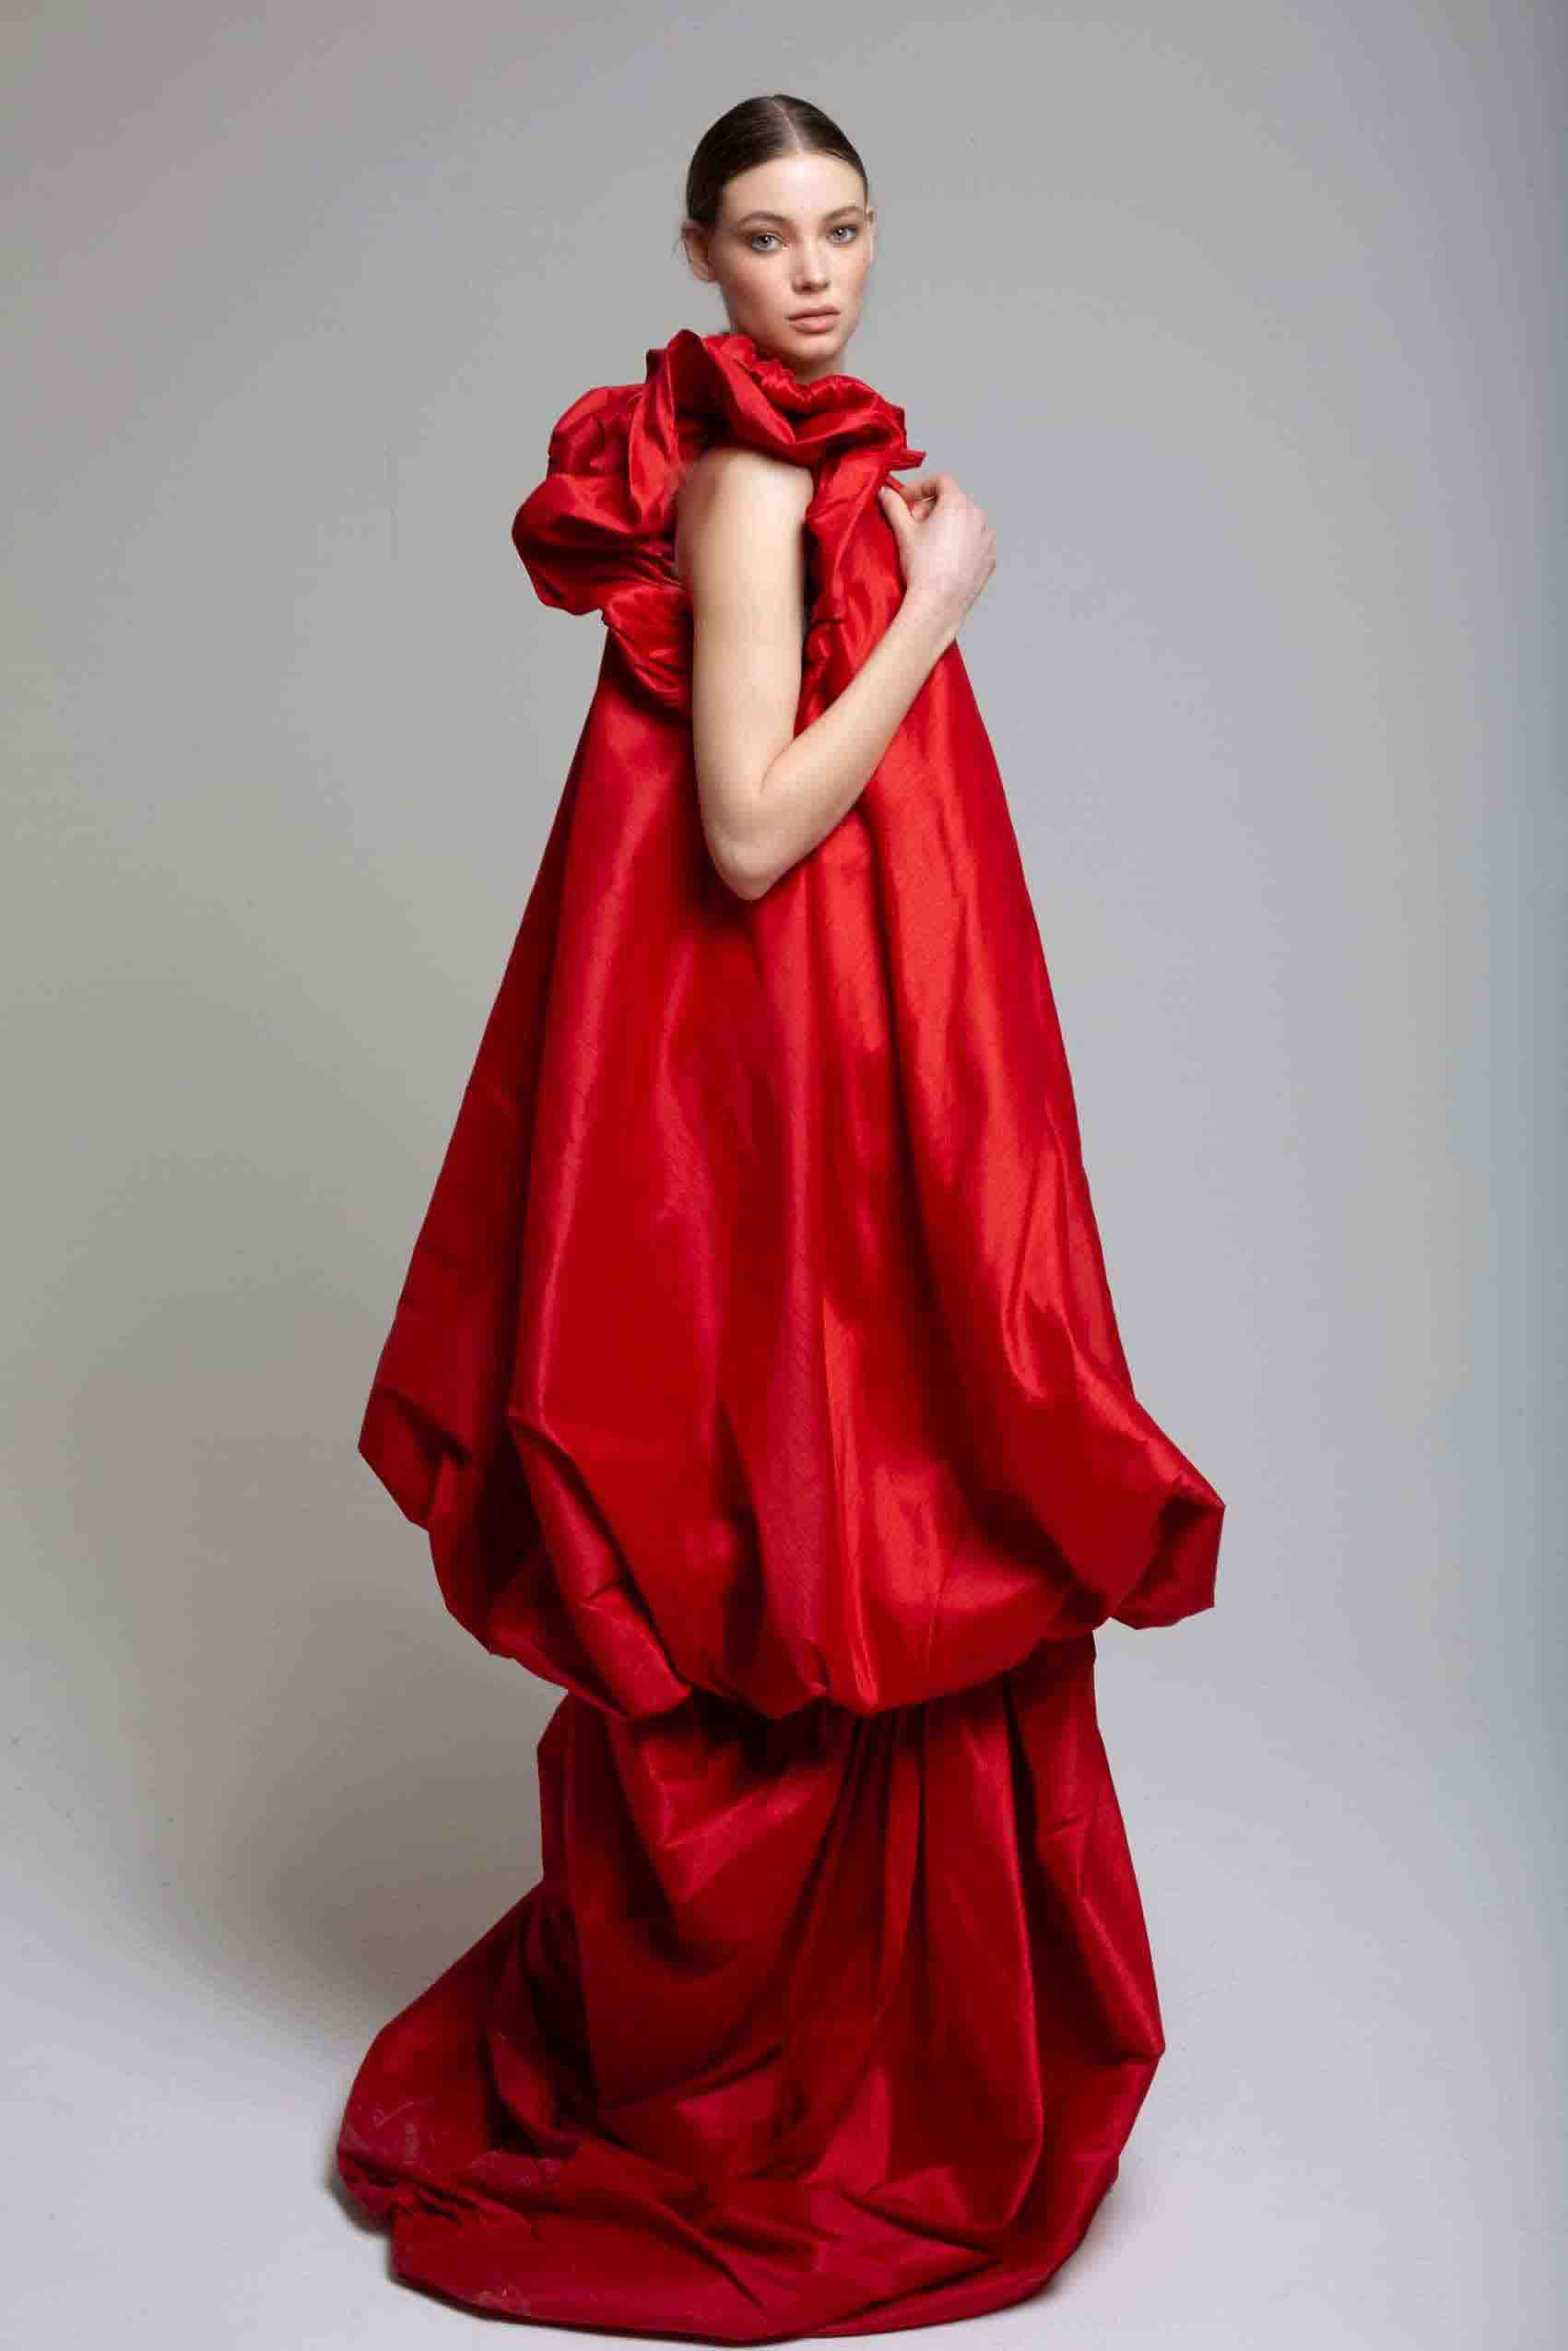 אליזבת בראון_מגזין אופנה_12